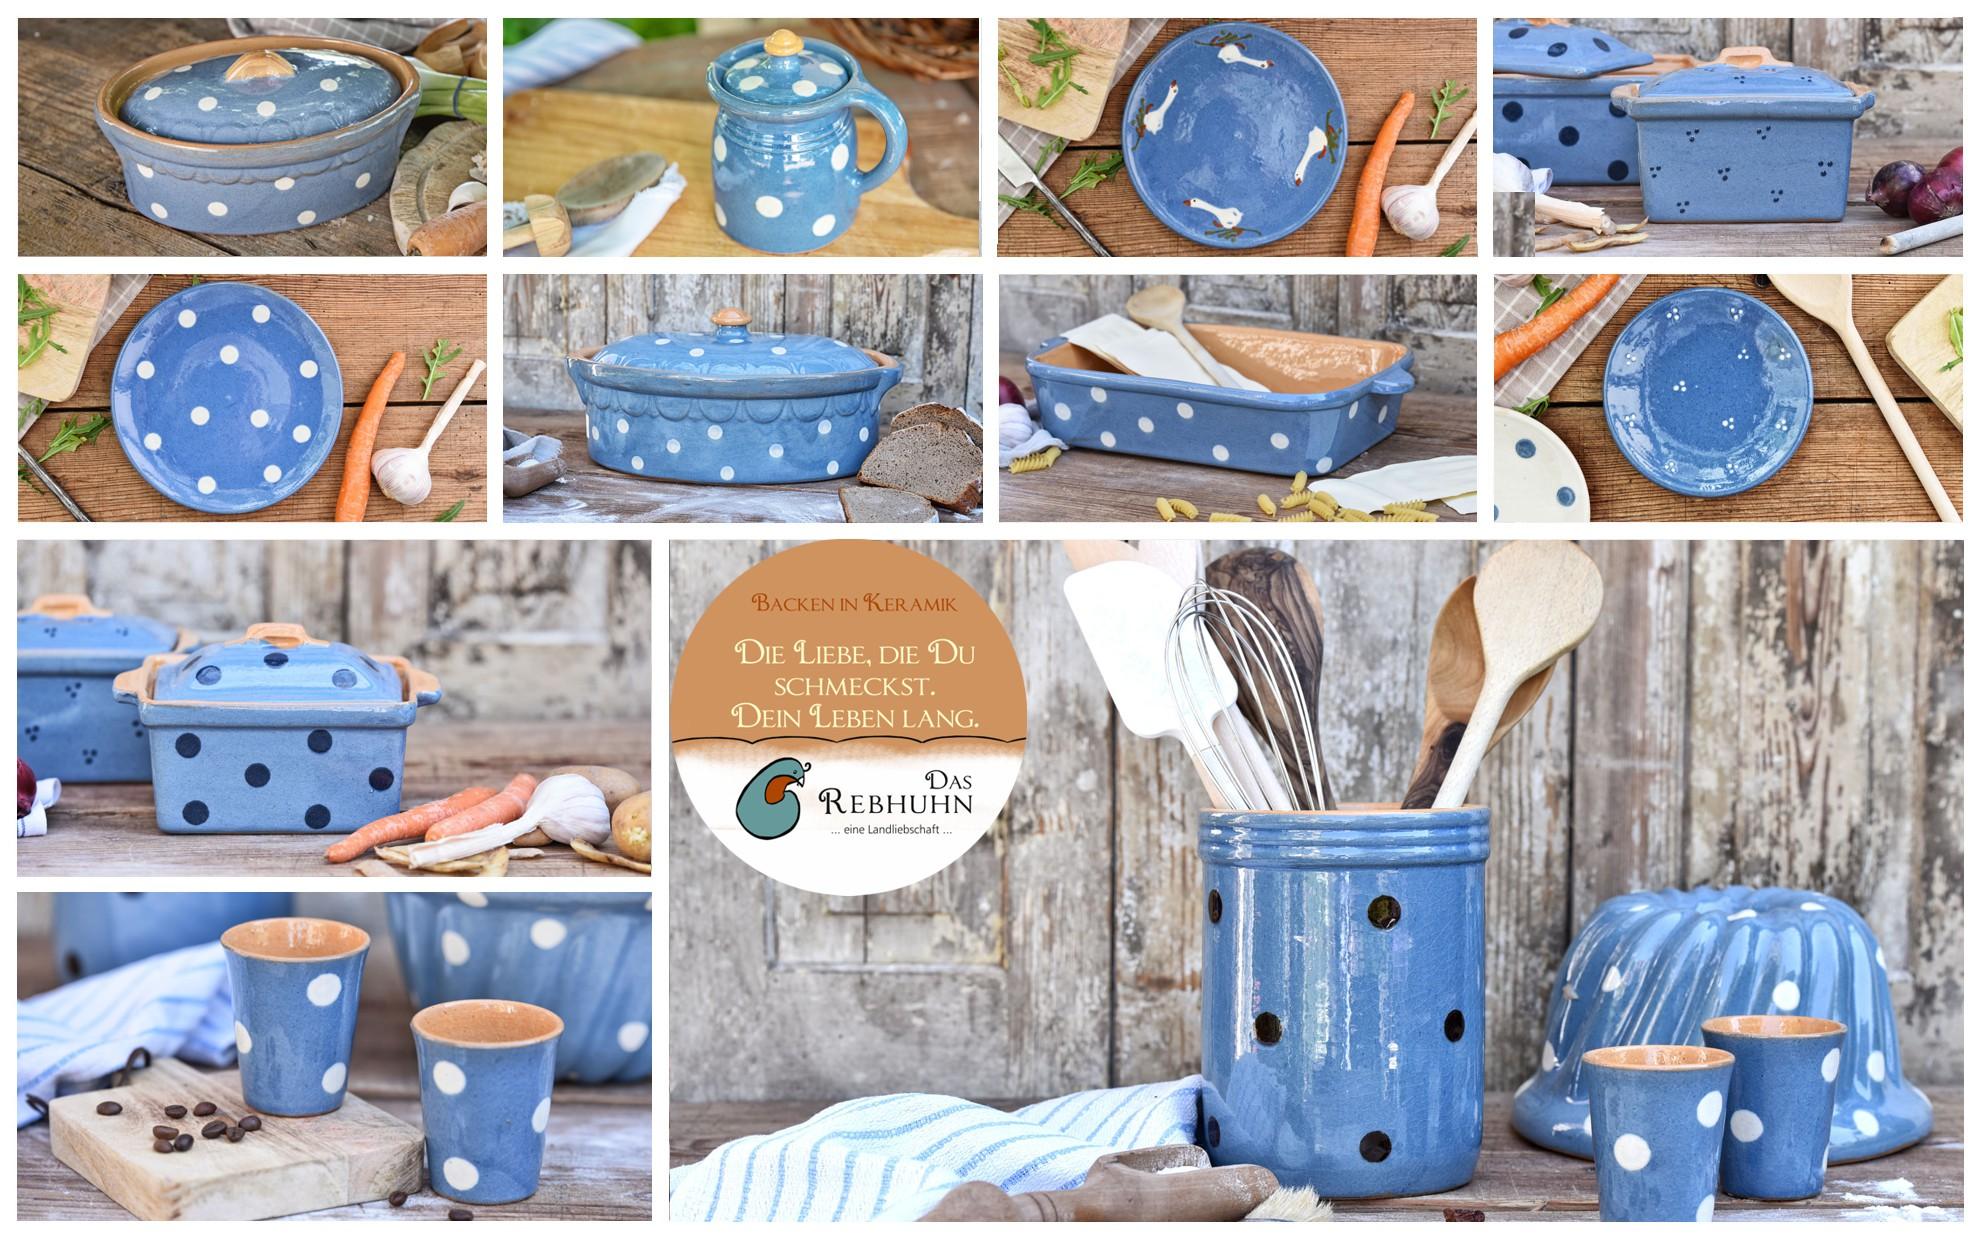 Farben und Dekore unserer Keramik